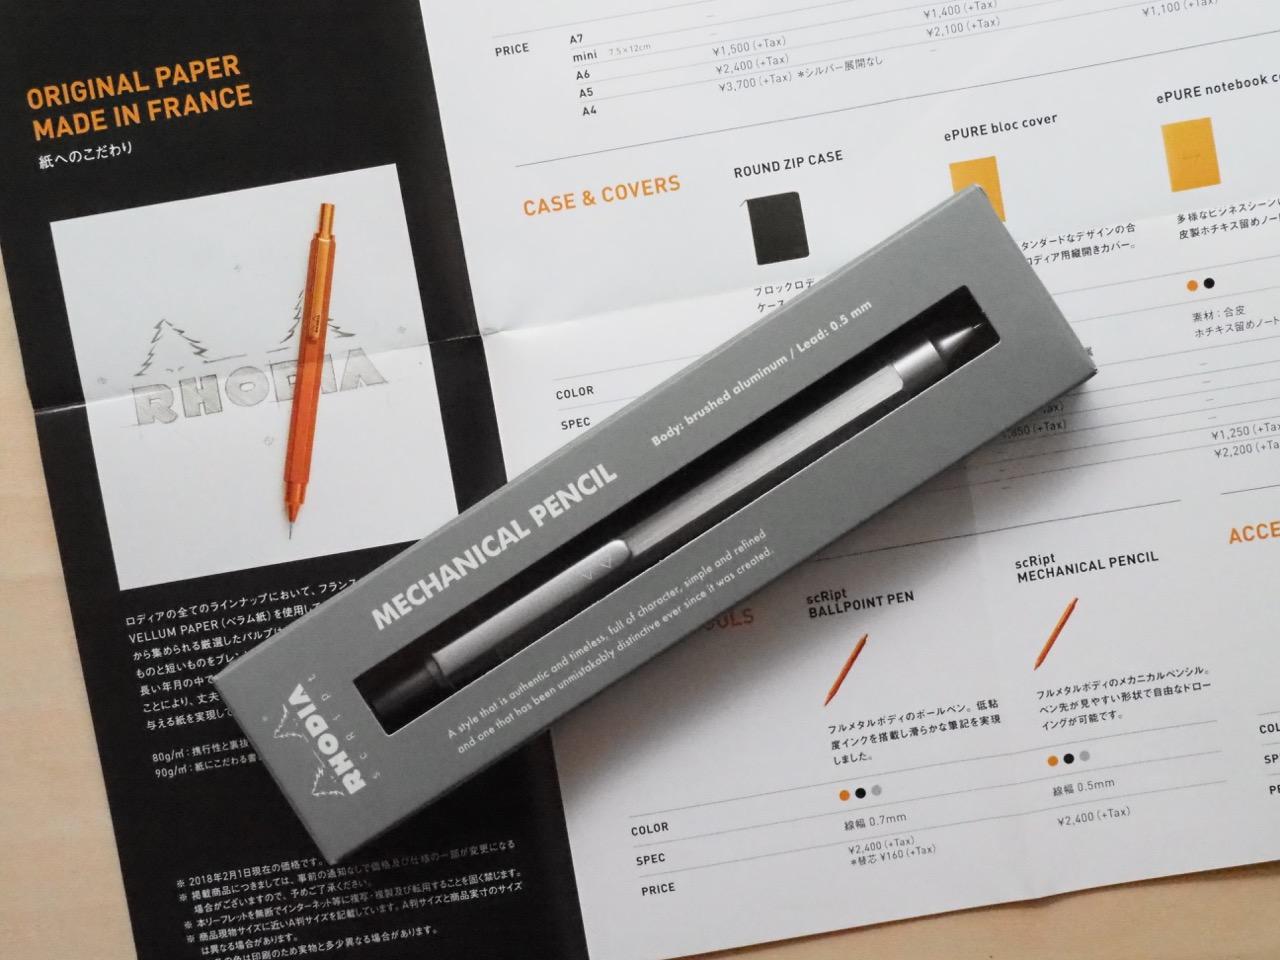 日本の文具は世界一、あとはデザイン